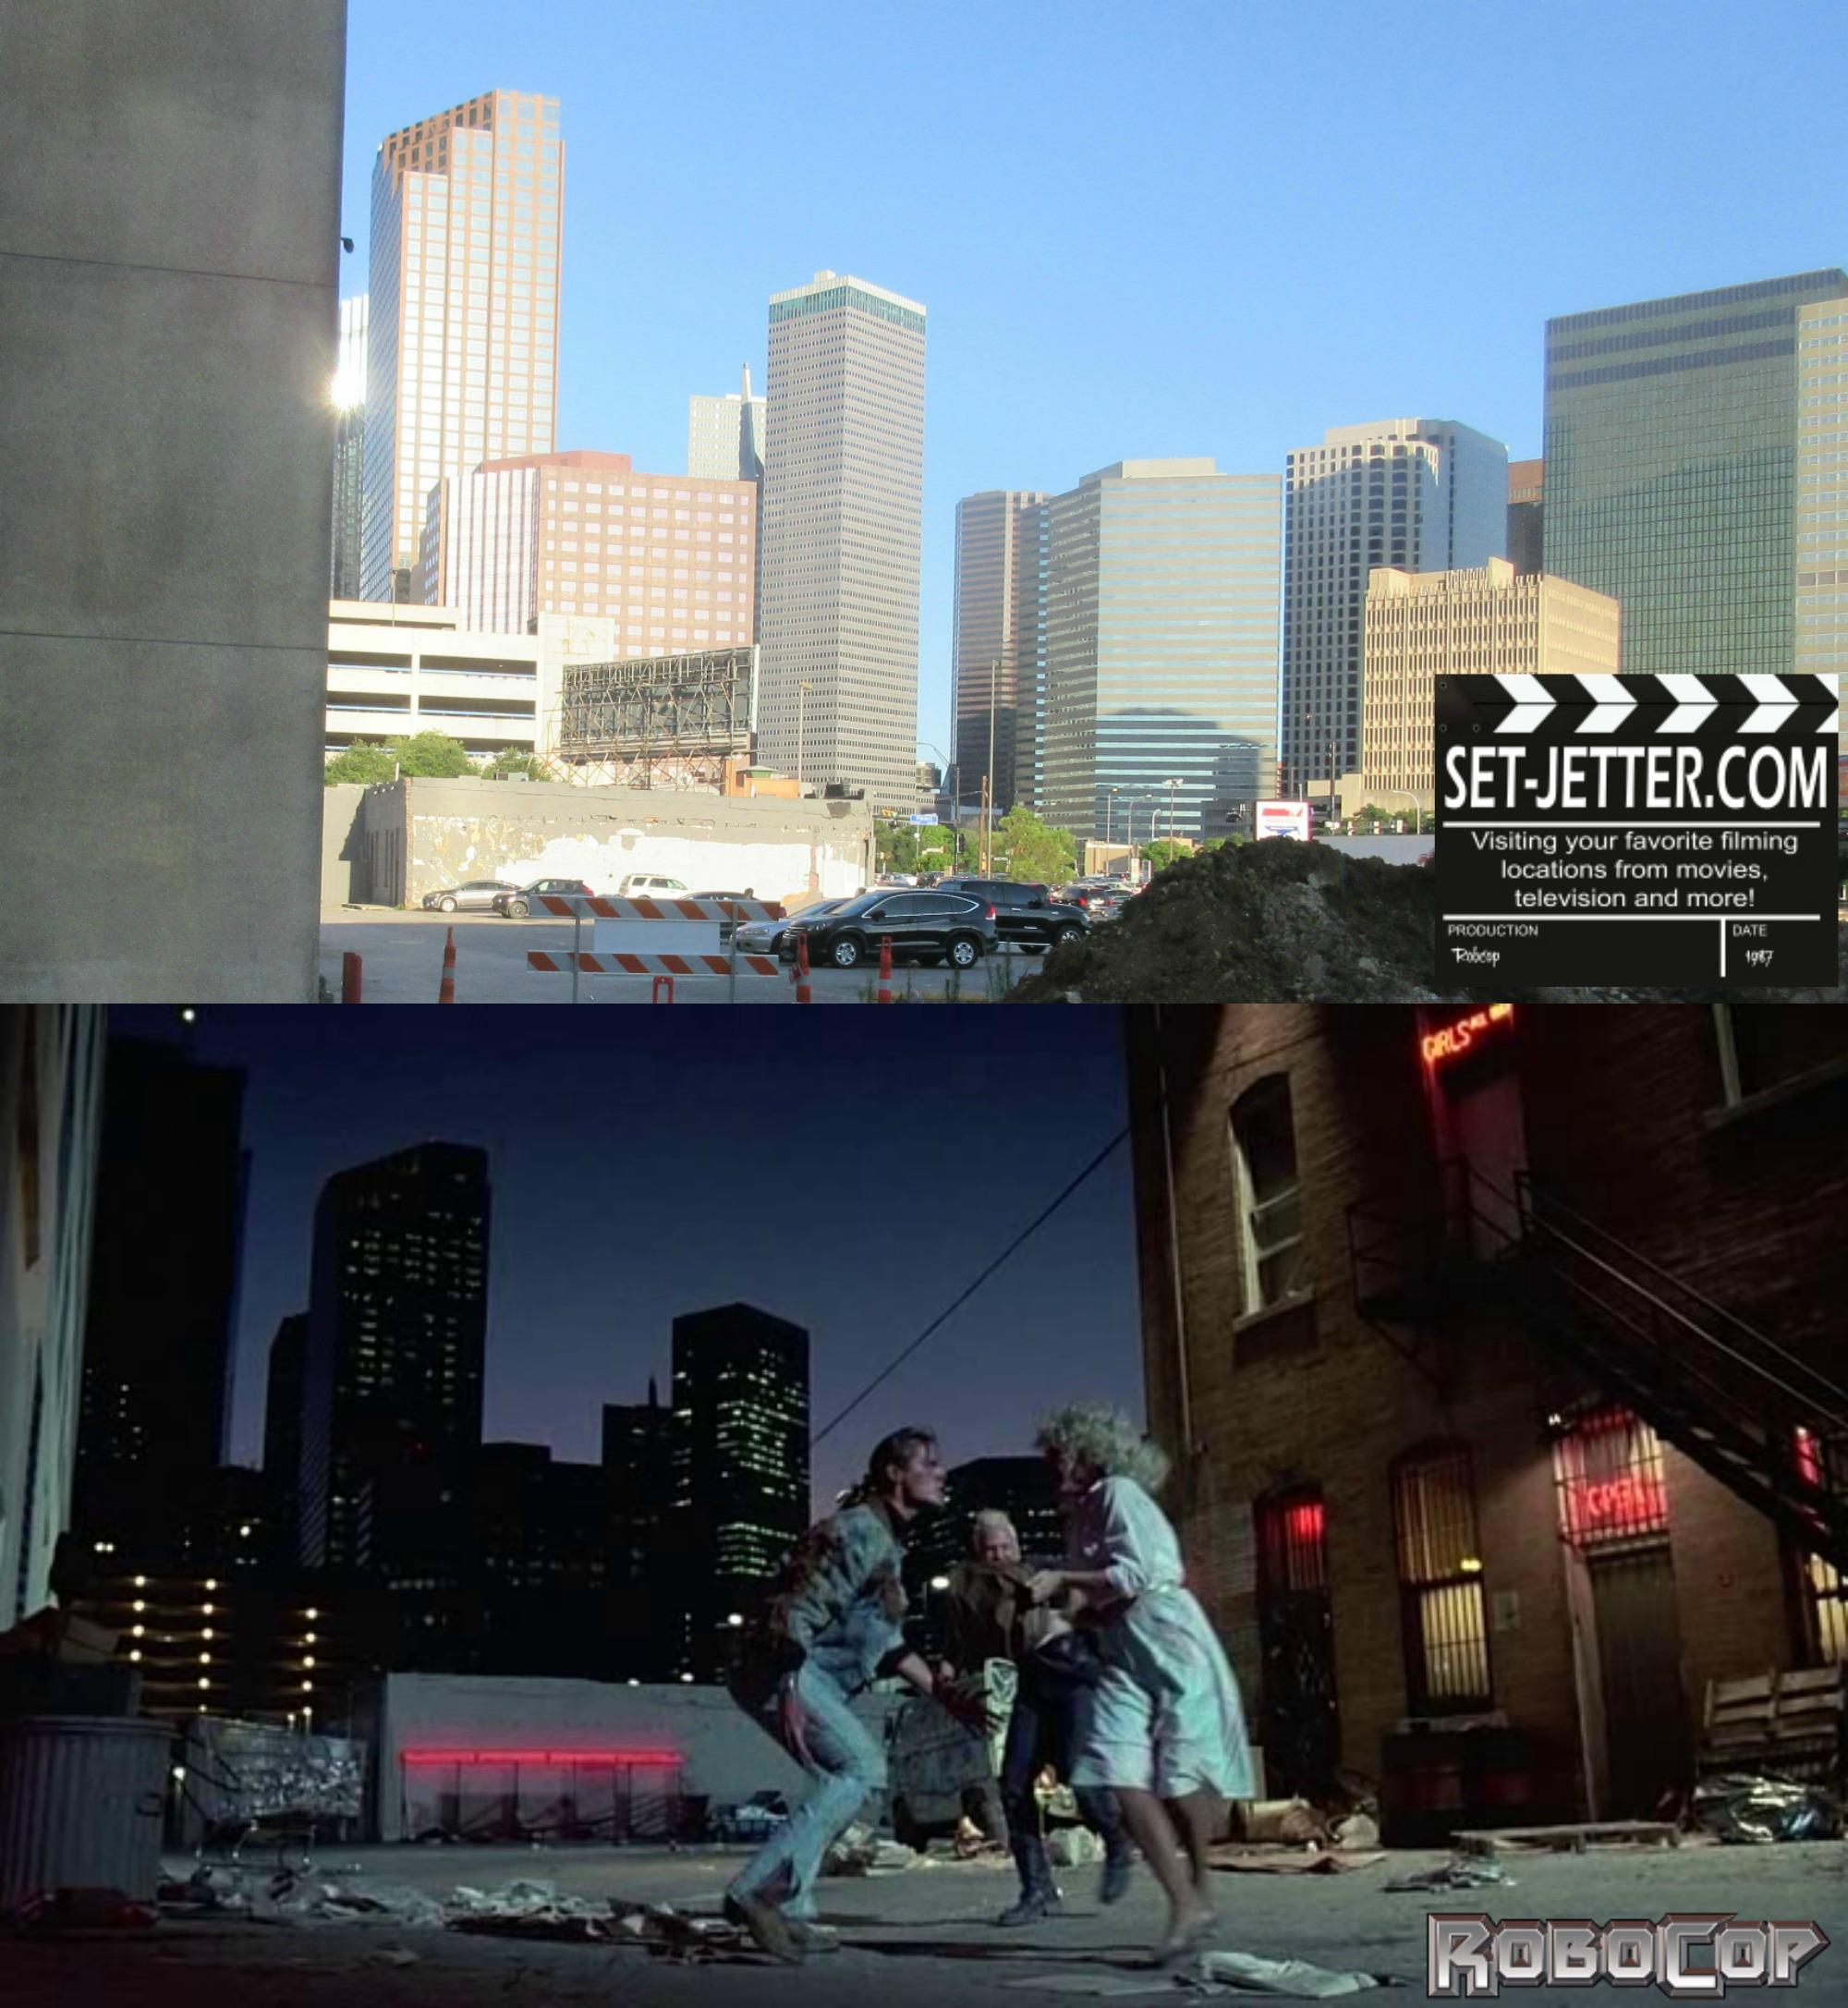 Robocop comparison 52.jpg